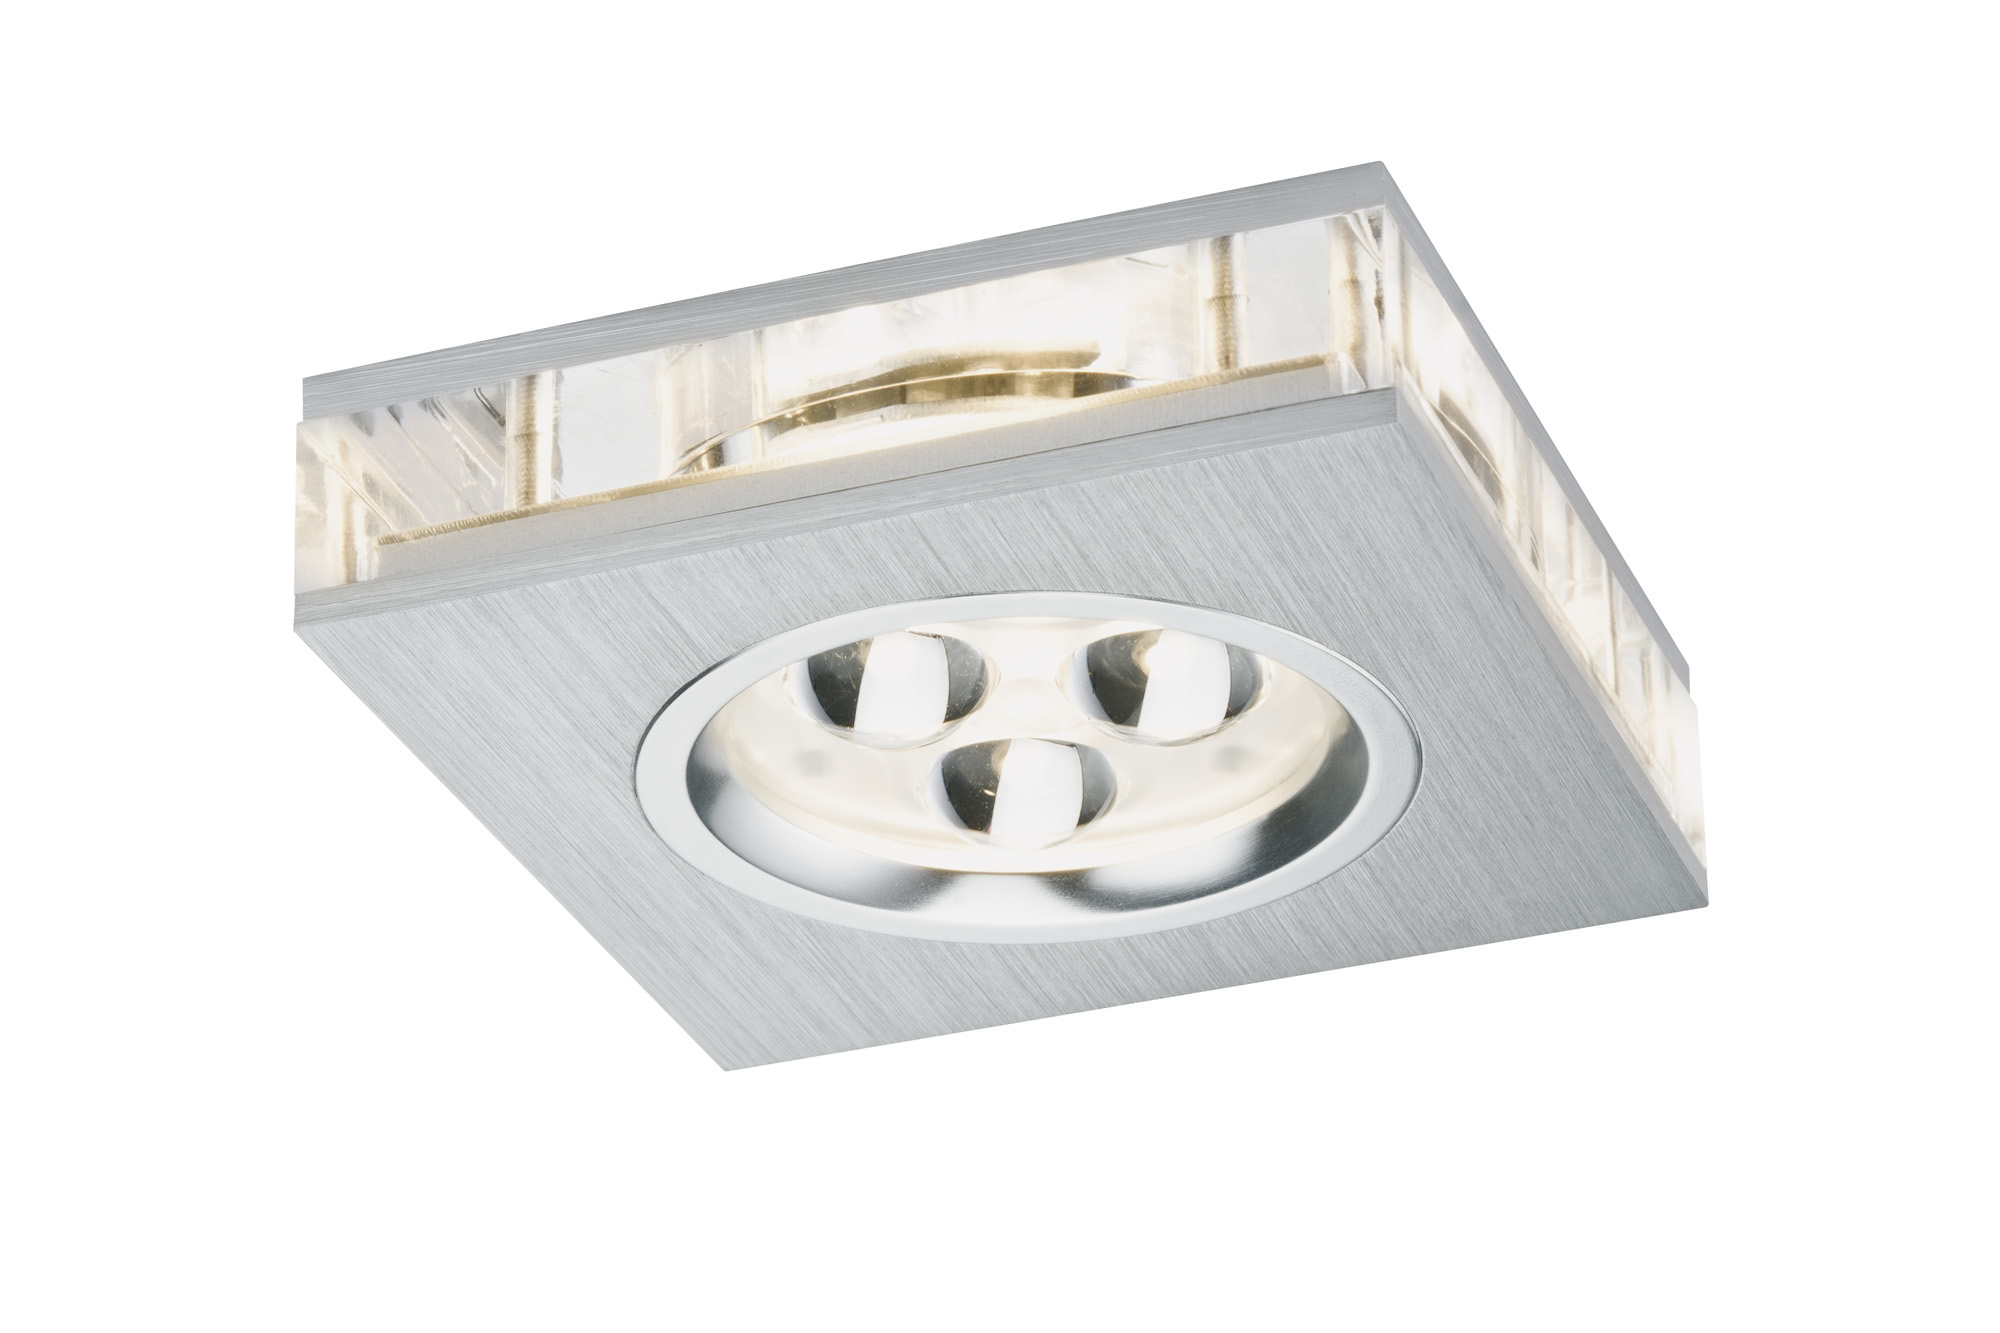 Paulmann. 92538 Светильник встраиваемый Premium EBL Liro eckig LED 1x3W Alu-g